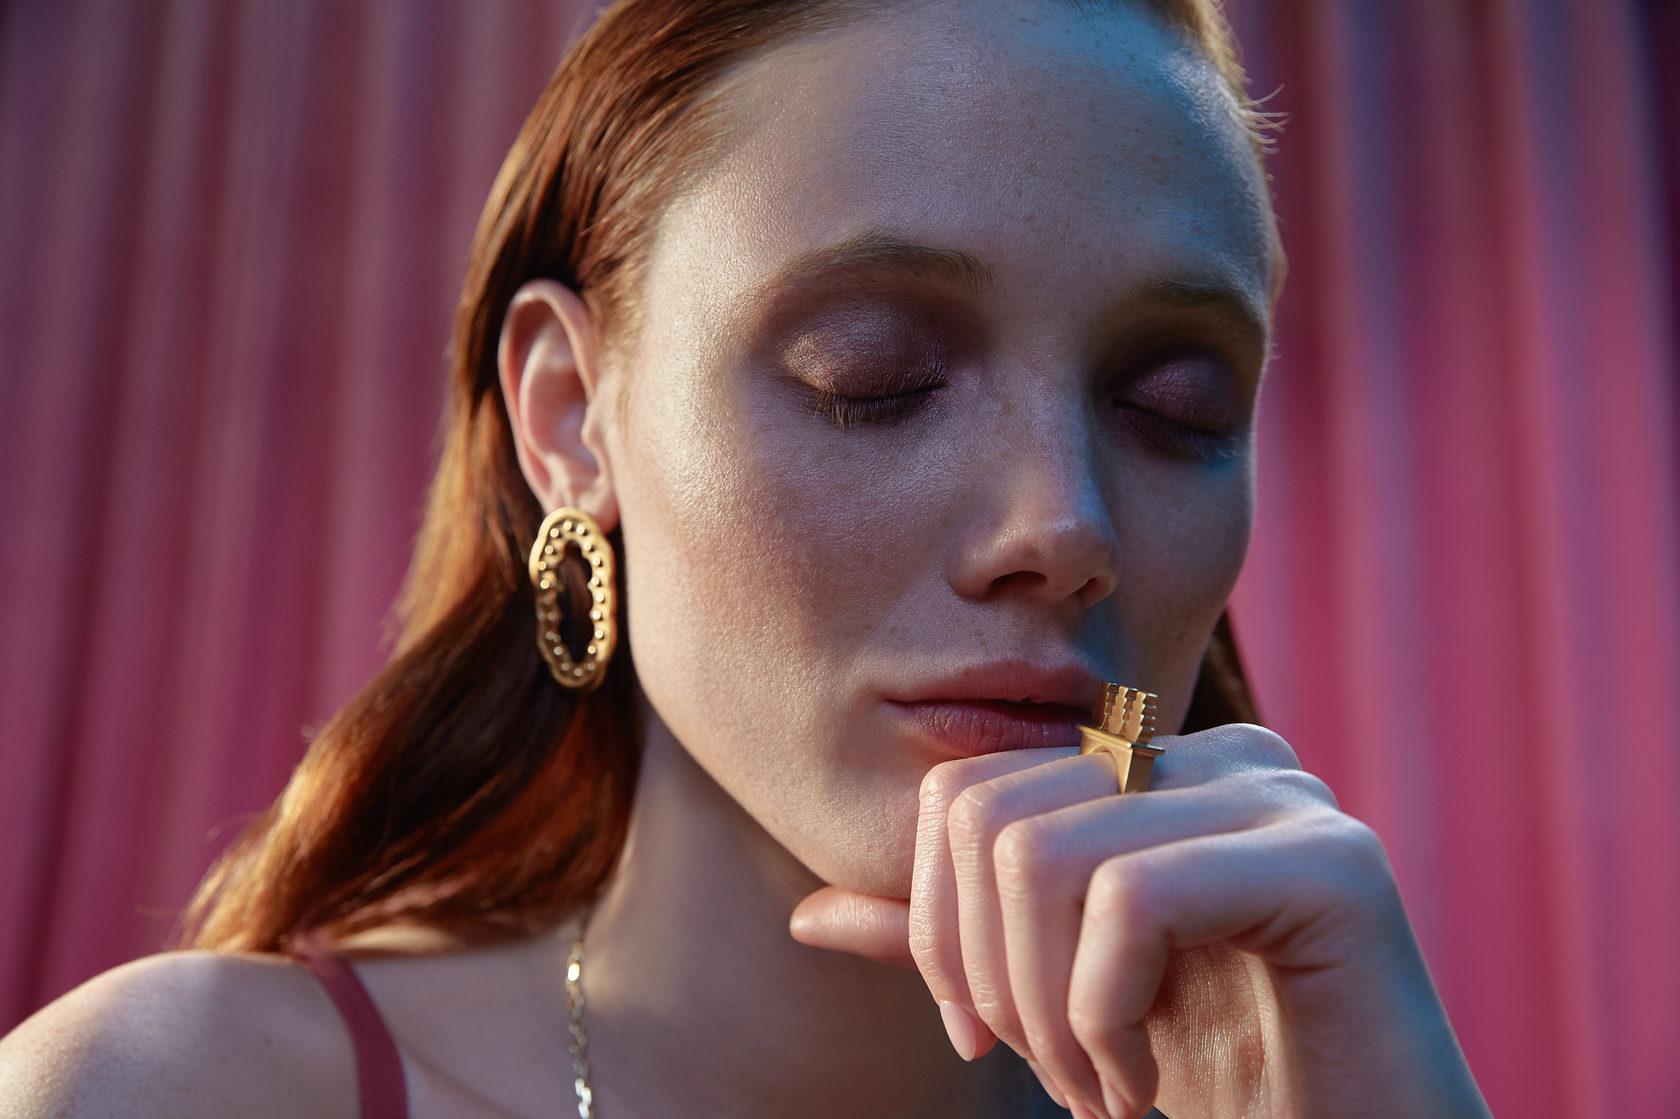 Крупные золотые, серебреные и позолоченные украшения. Серьги и кольца. Впечатление, эгоизм, индивидуальность.